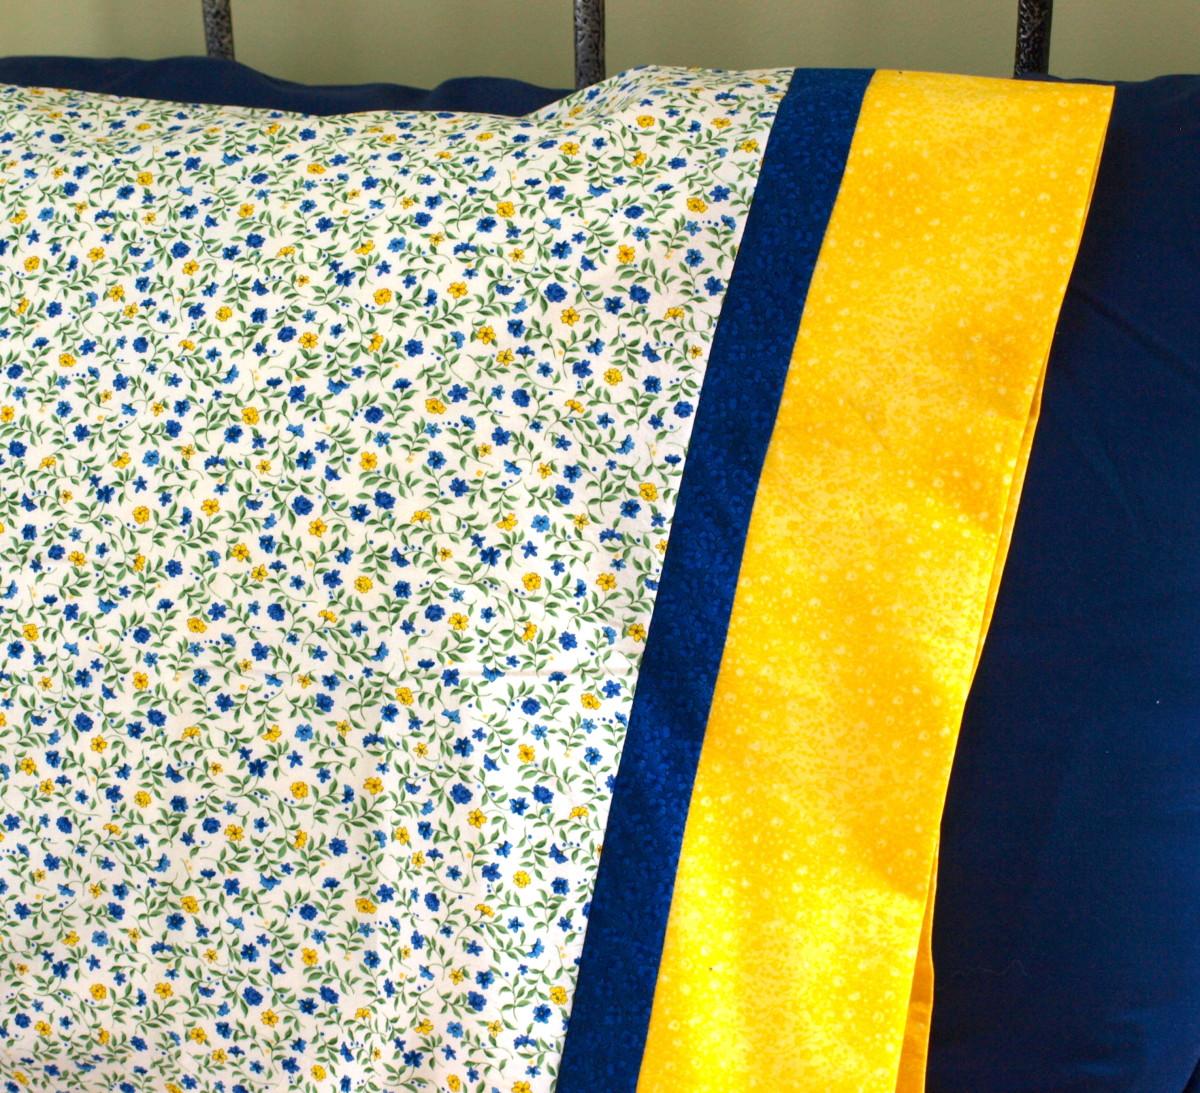 how to make a pillowcase feltmagnet